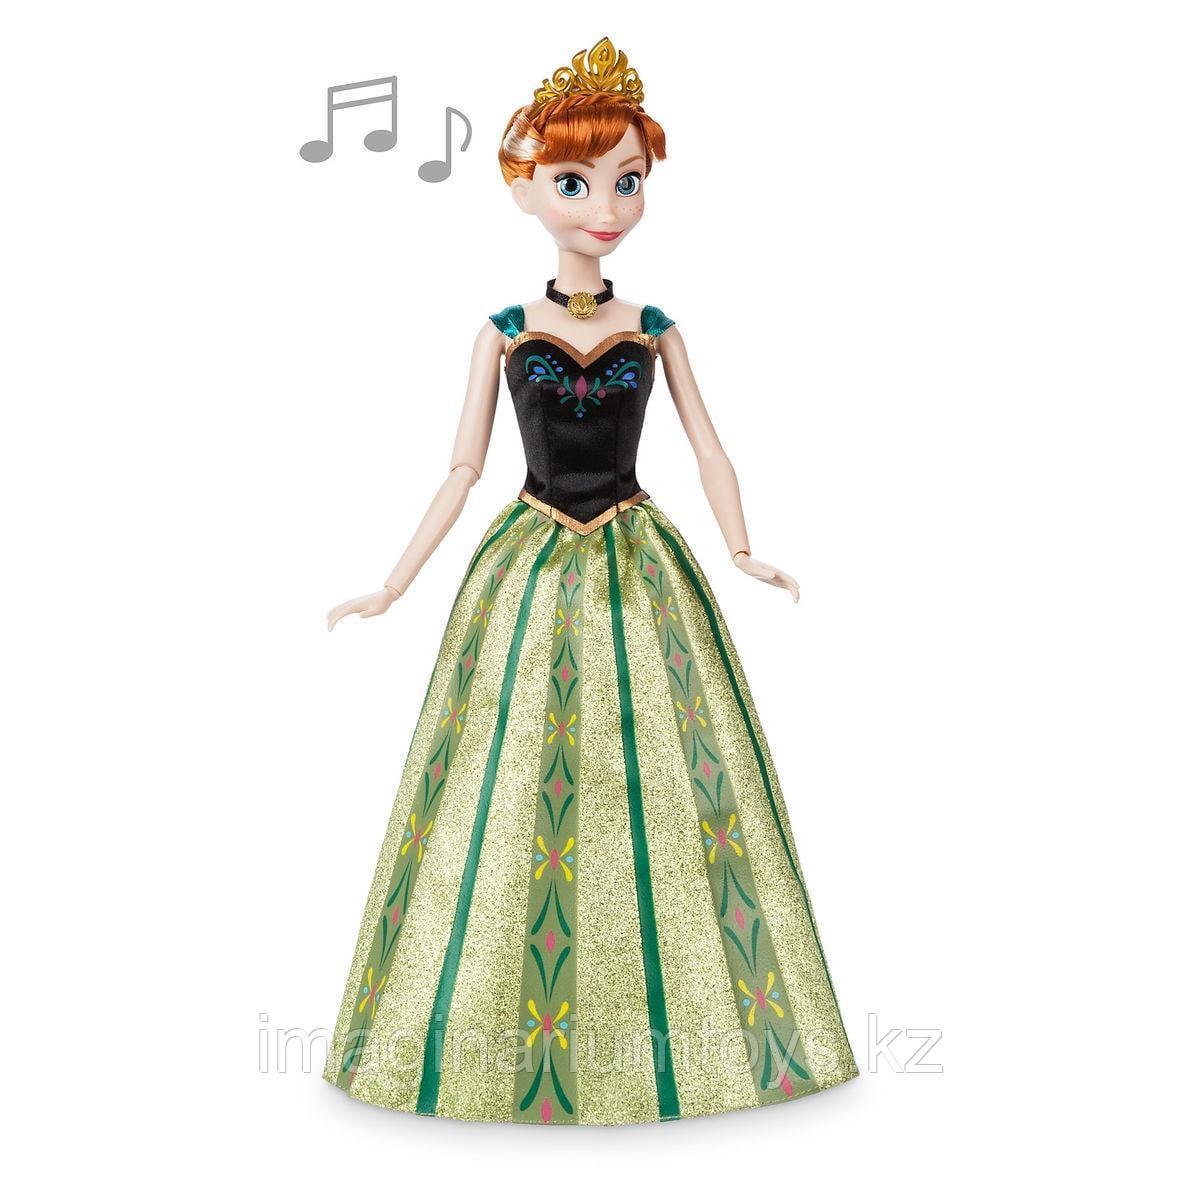 Кукла Анна поющая Disney Frozen